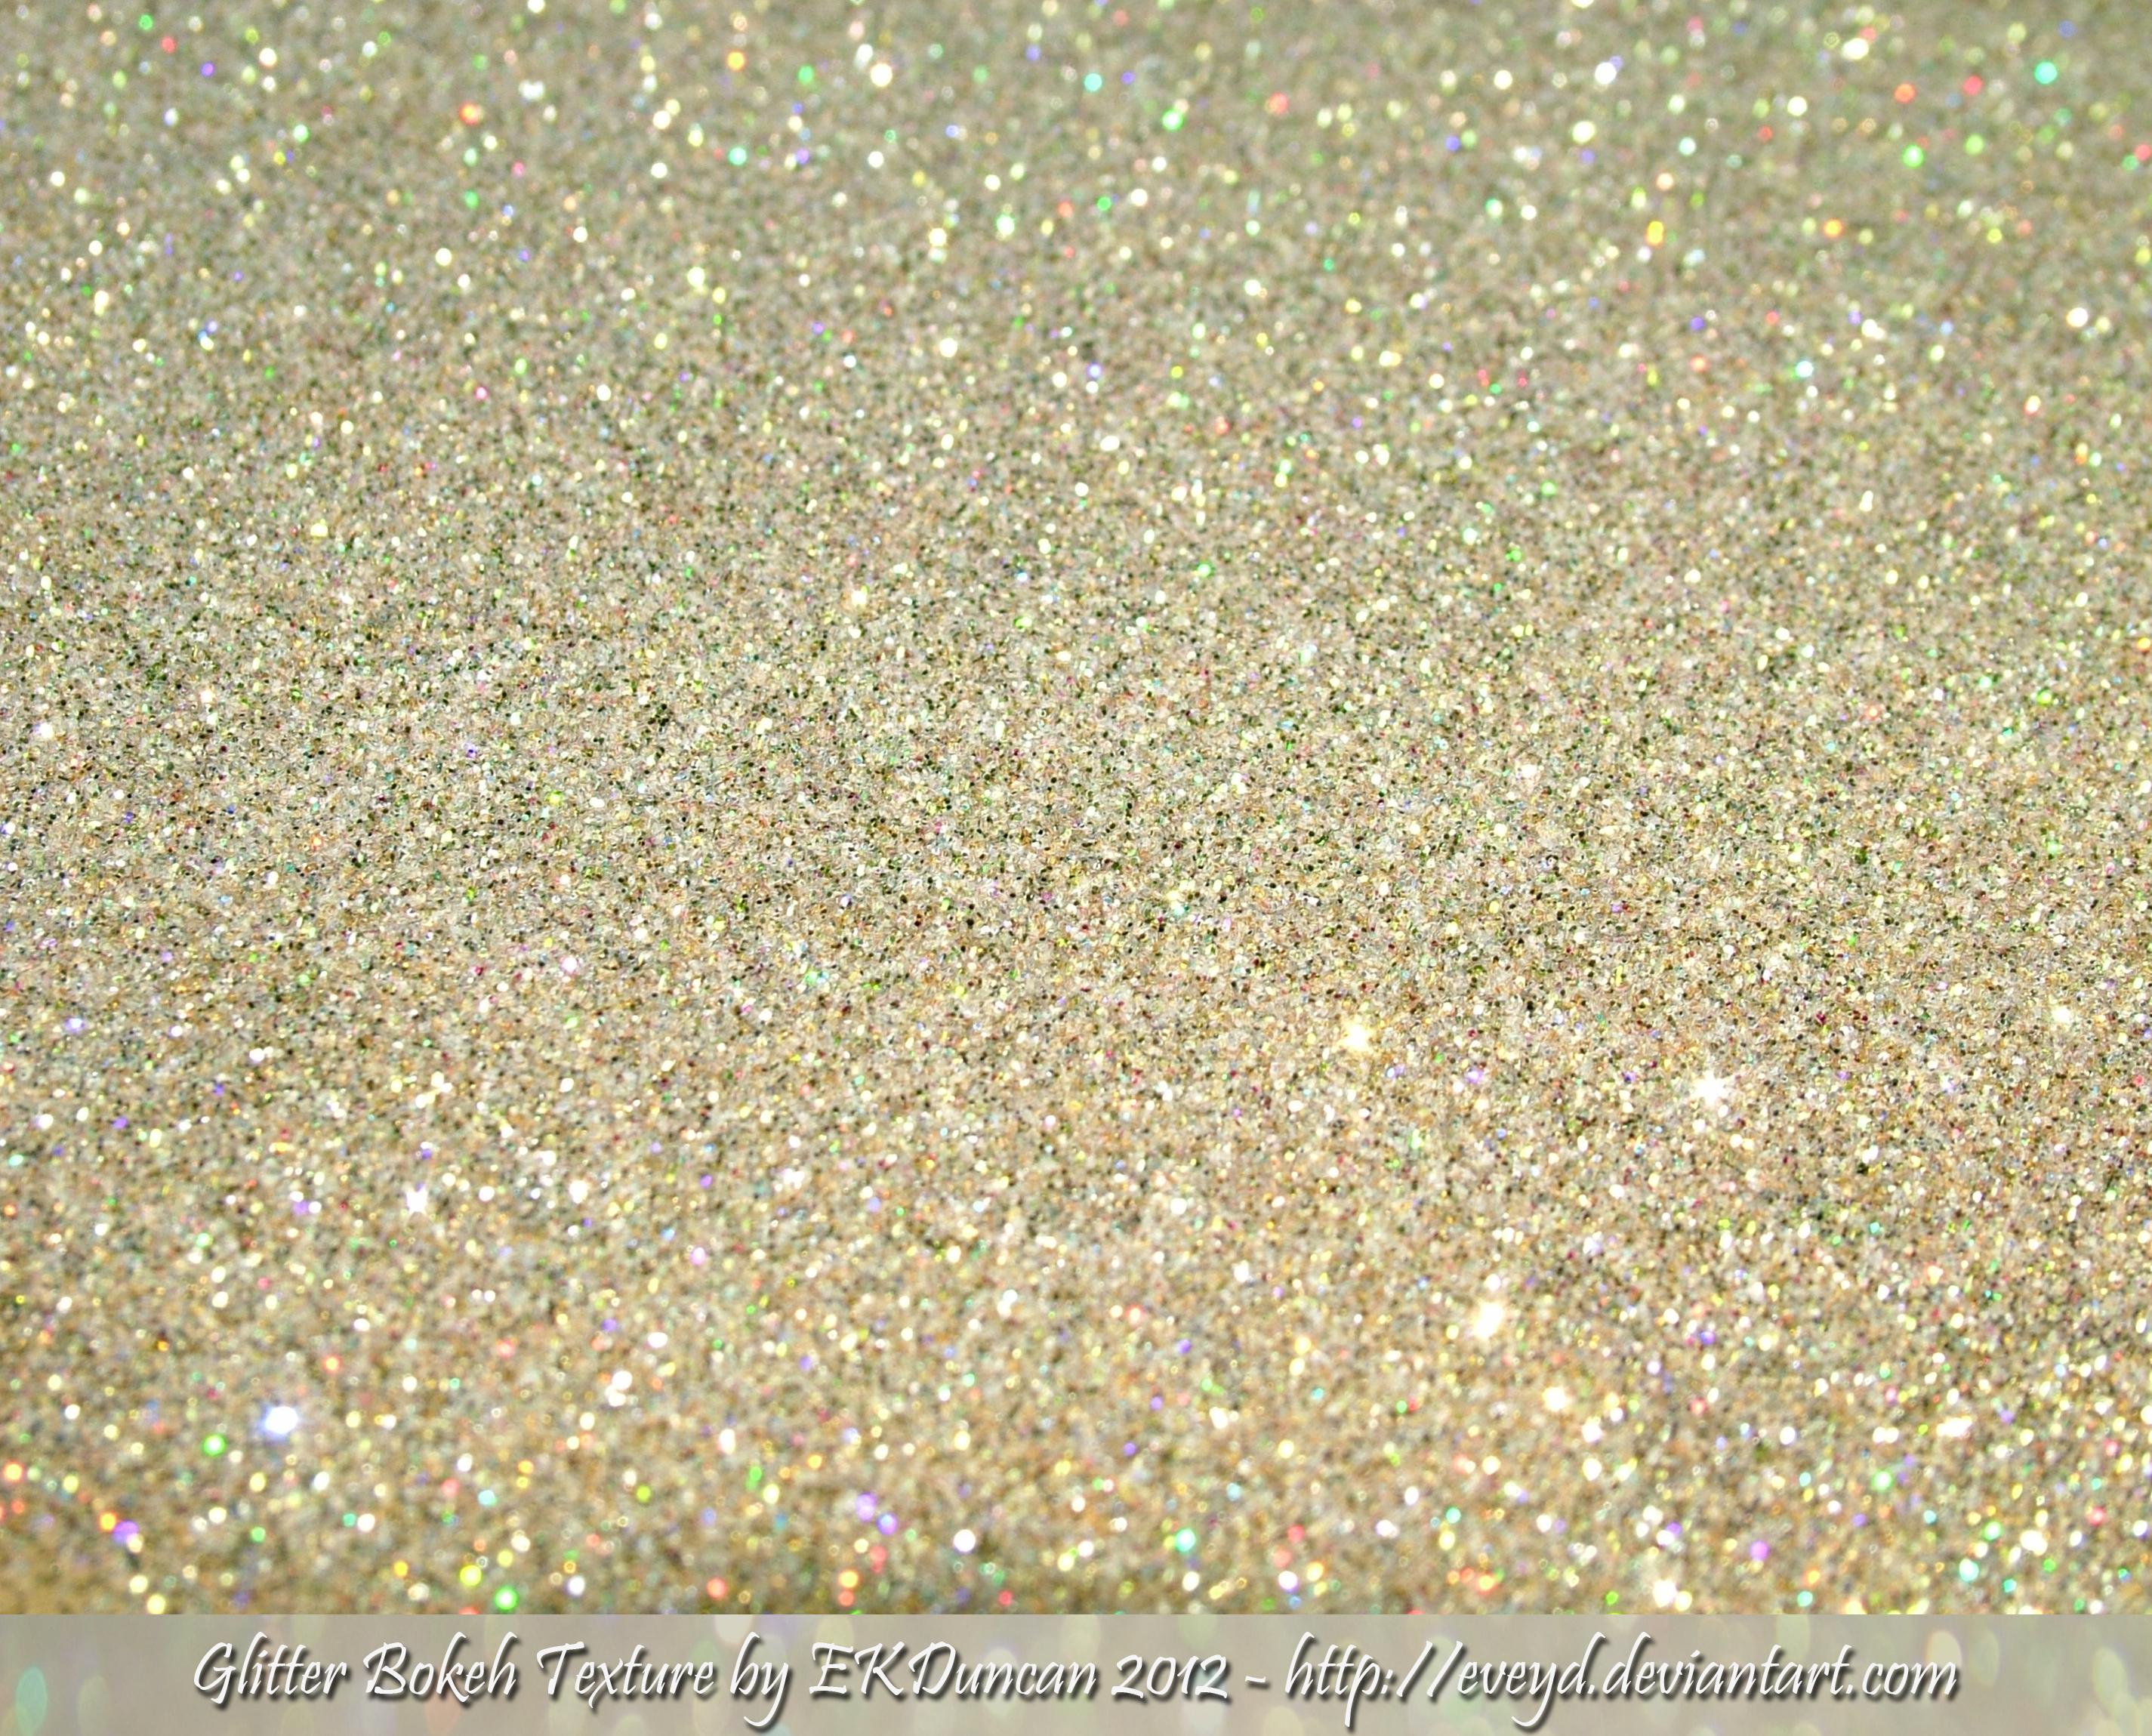 glitter wallpaper high resolution - photo #10